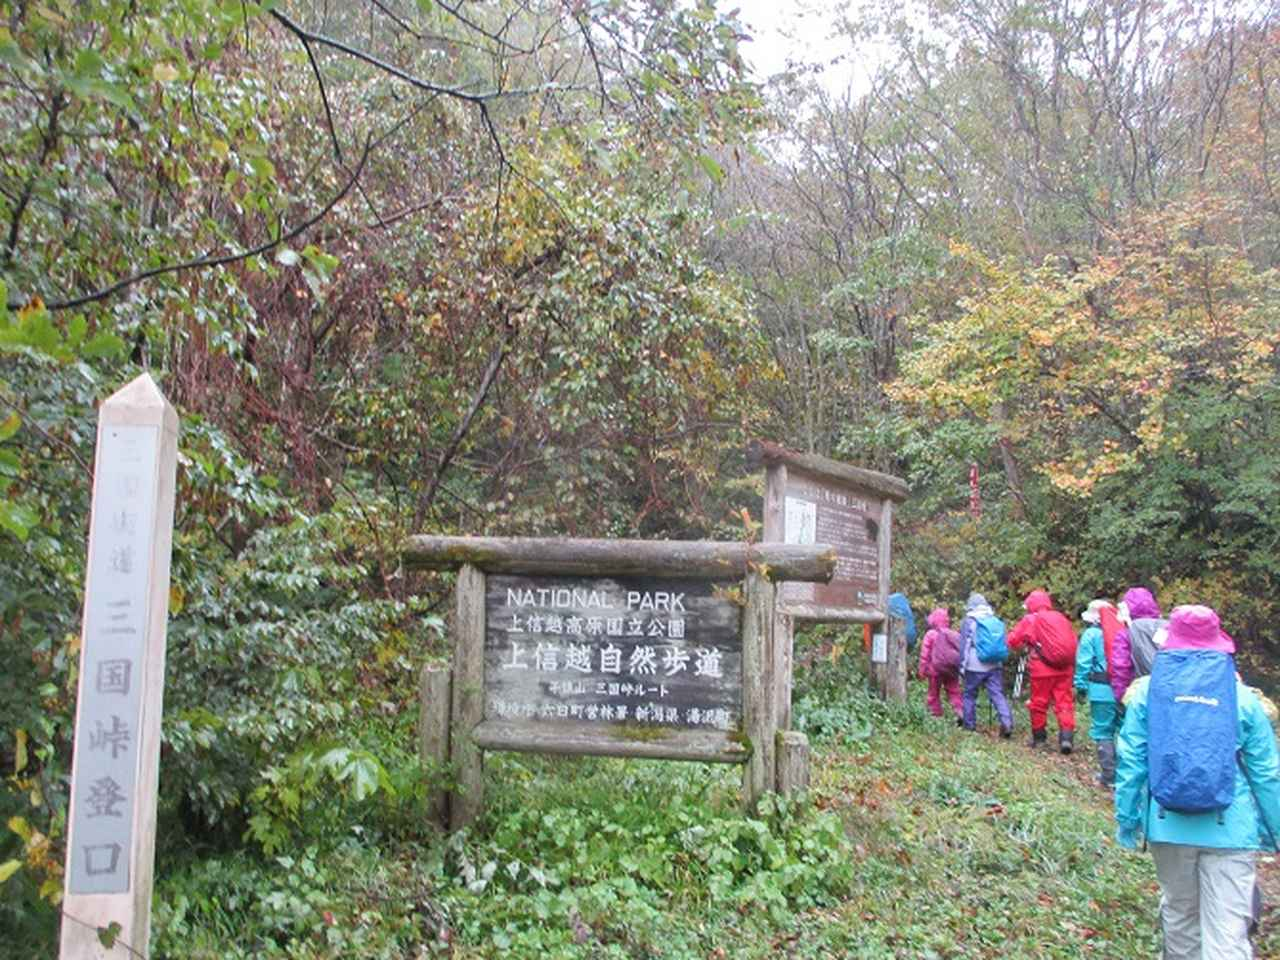 画像1: 10月18日に岡田ガイドのコースで三国山へ行って来ました♪